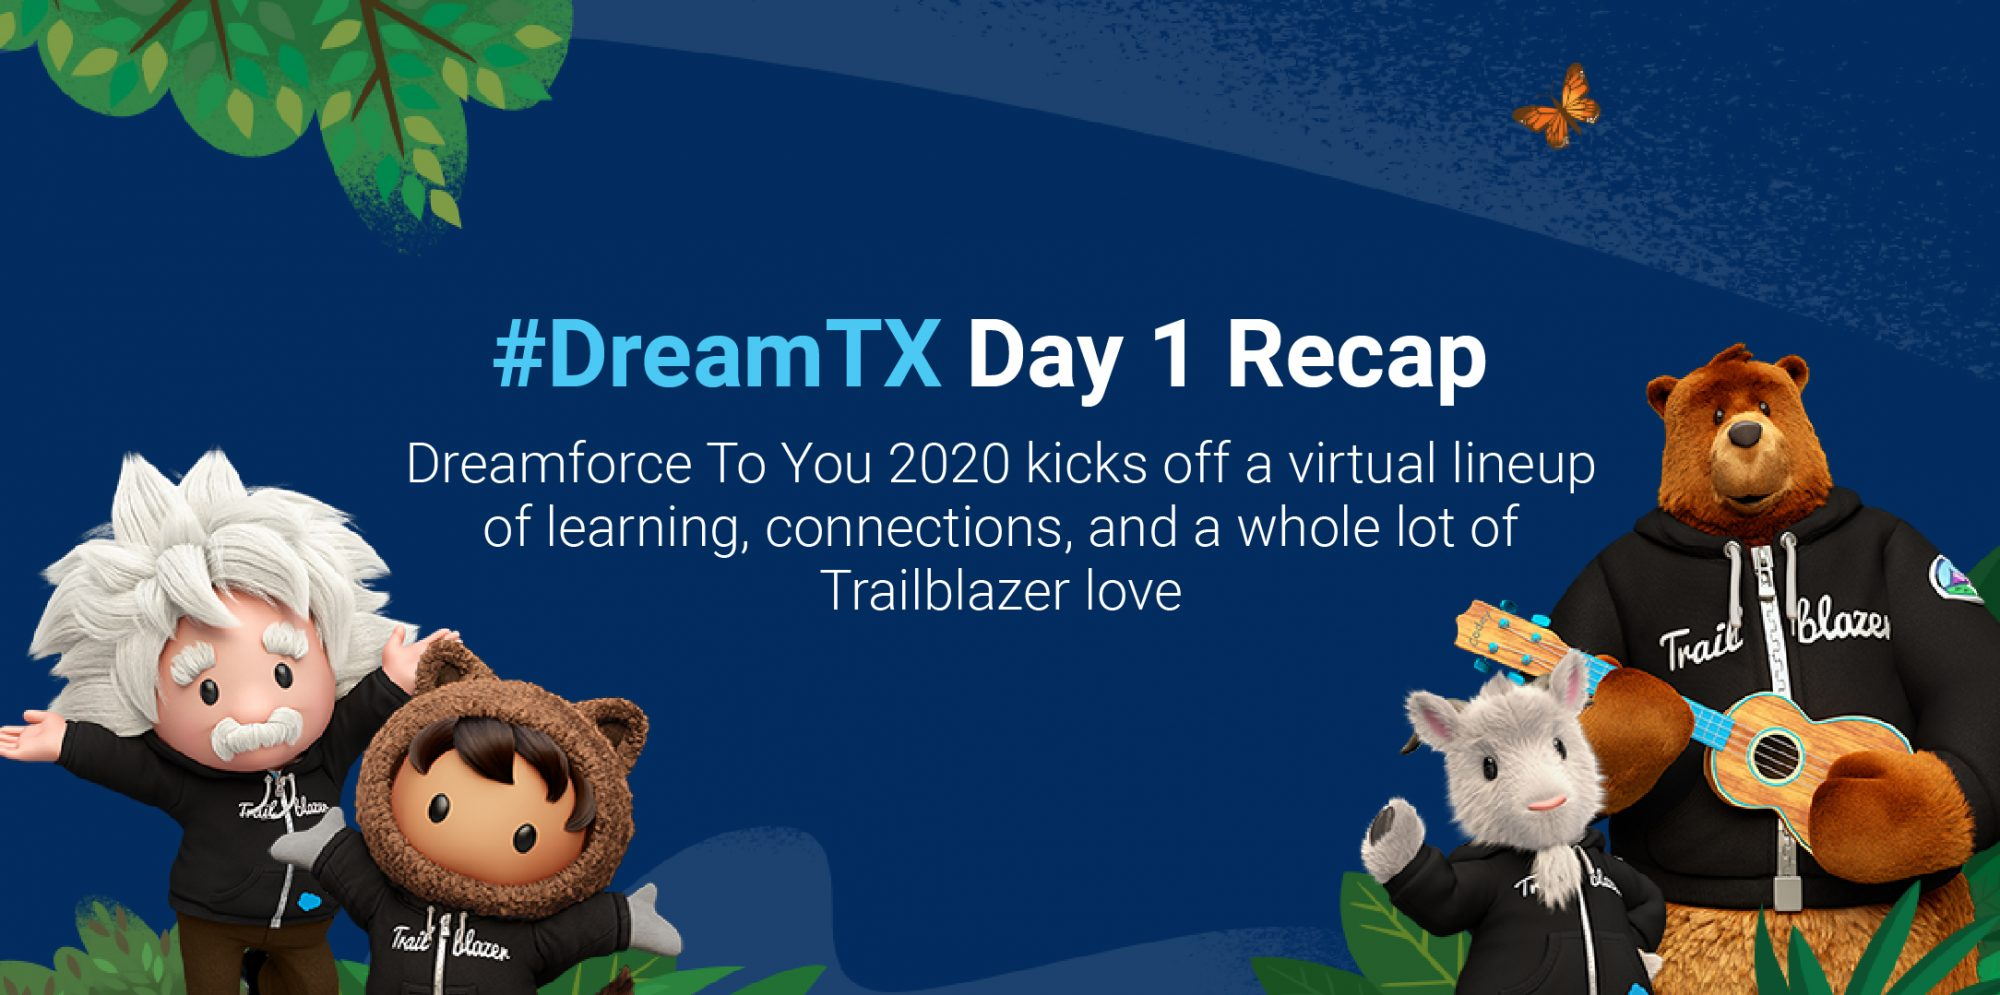 DreamTX Day 1: Dreamforce to you 2020 kicks off